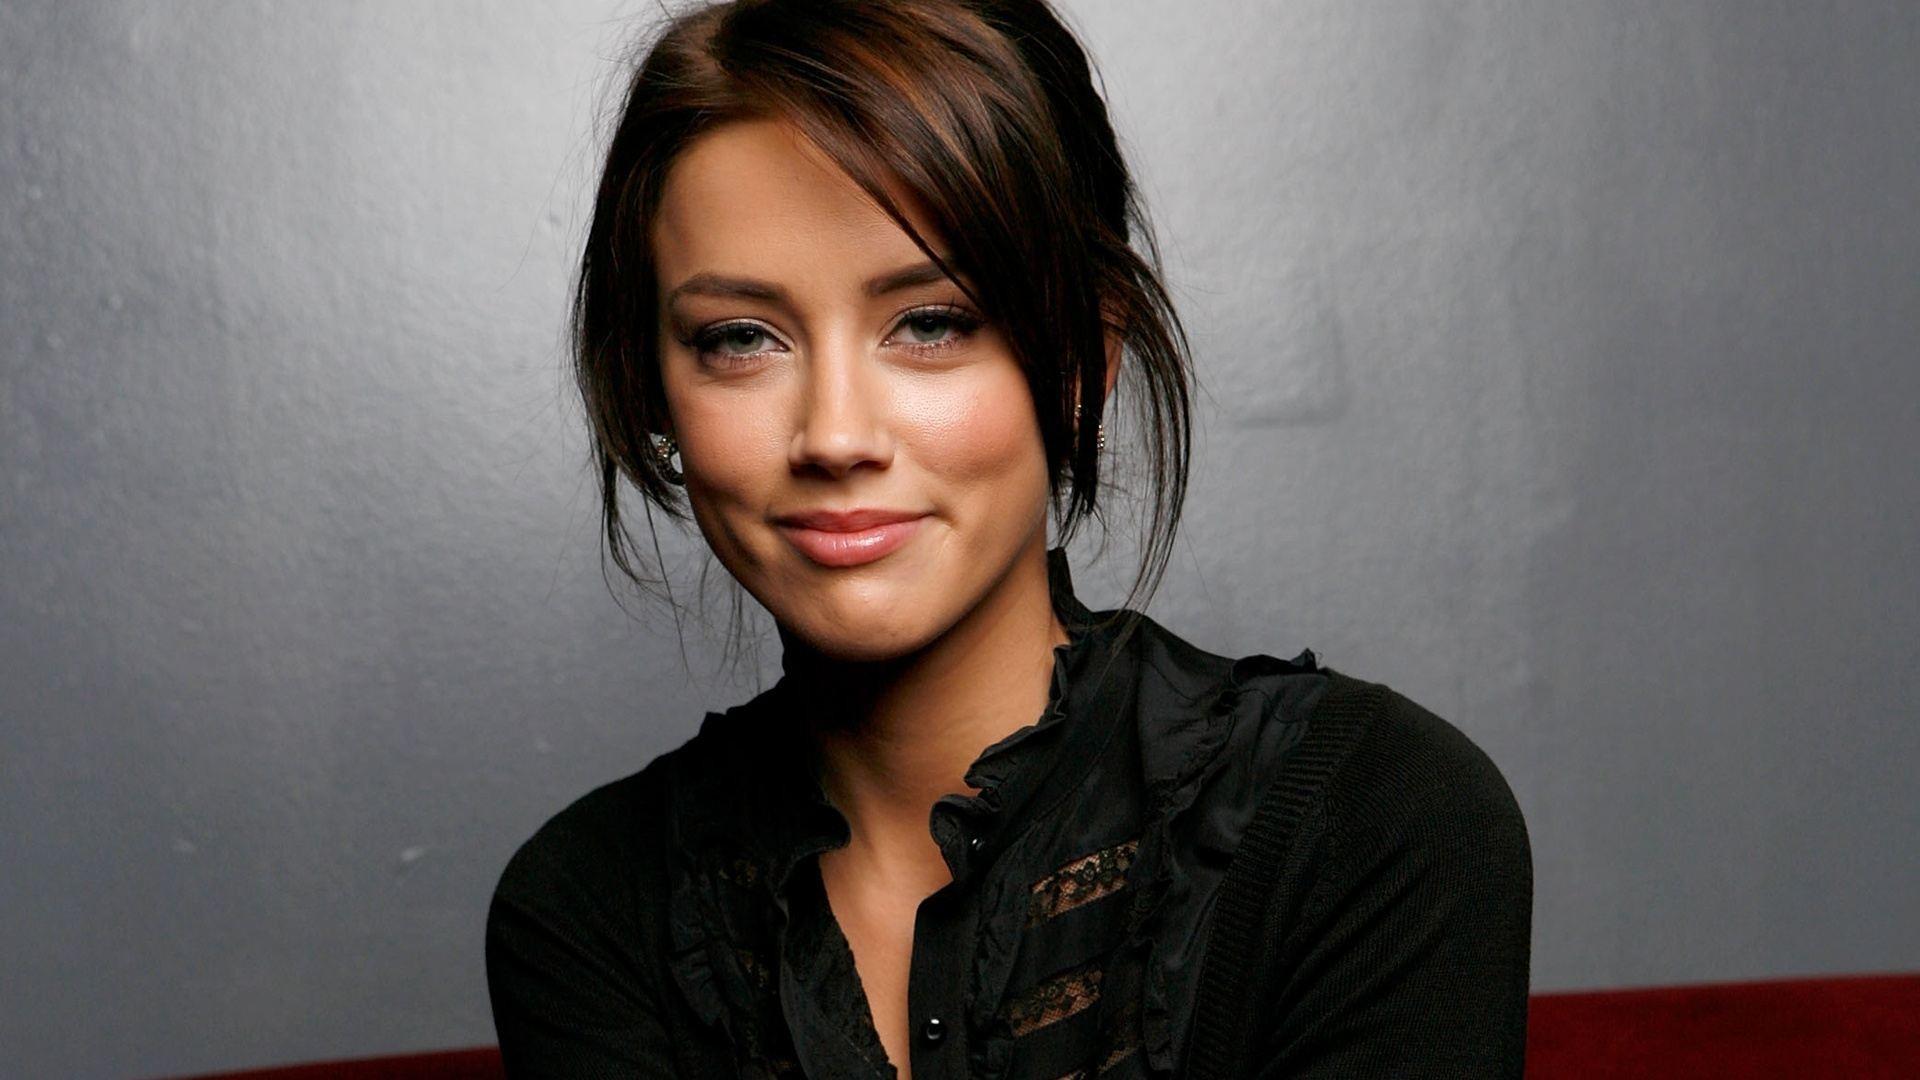 фото высокого разрешения актрисы красивых открыток